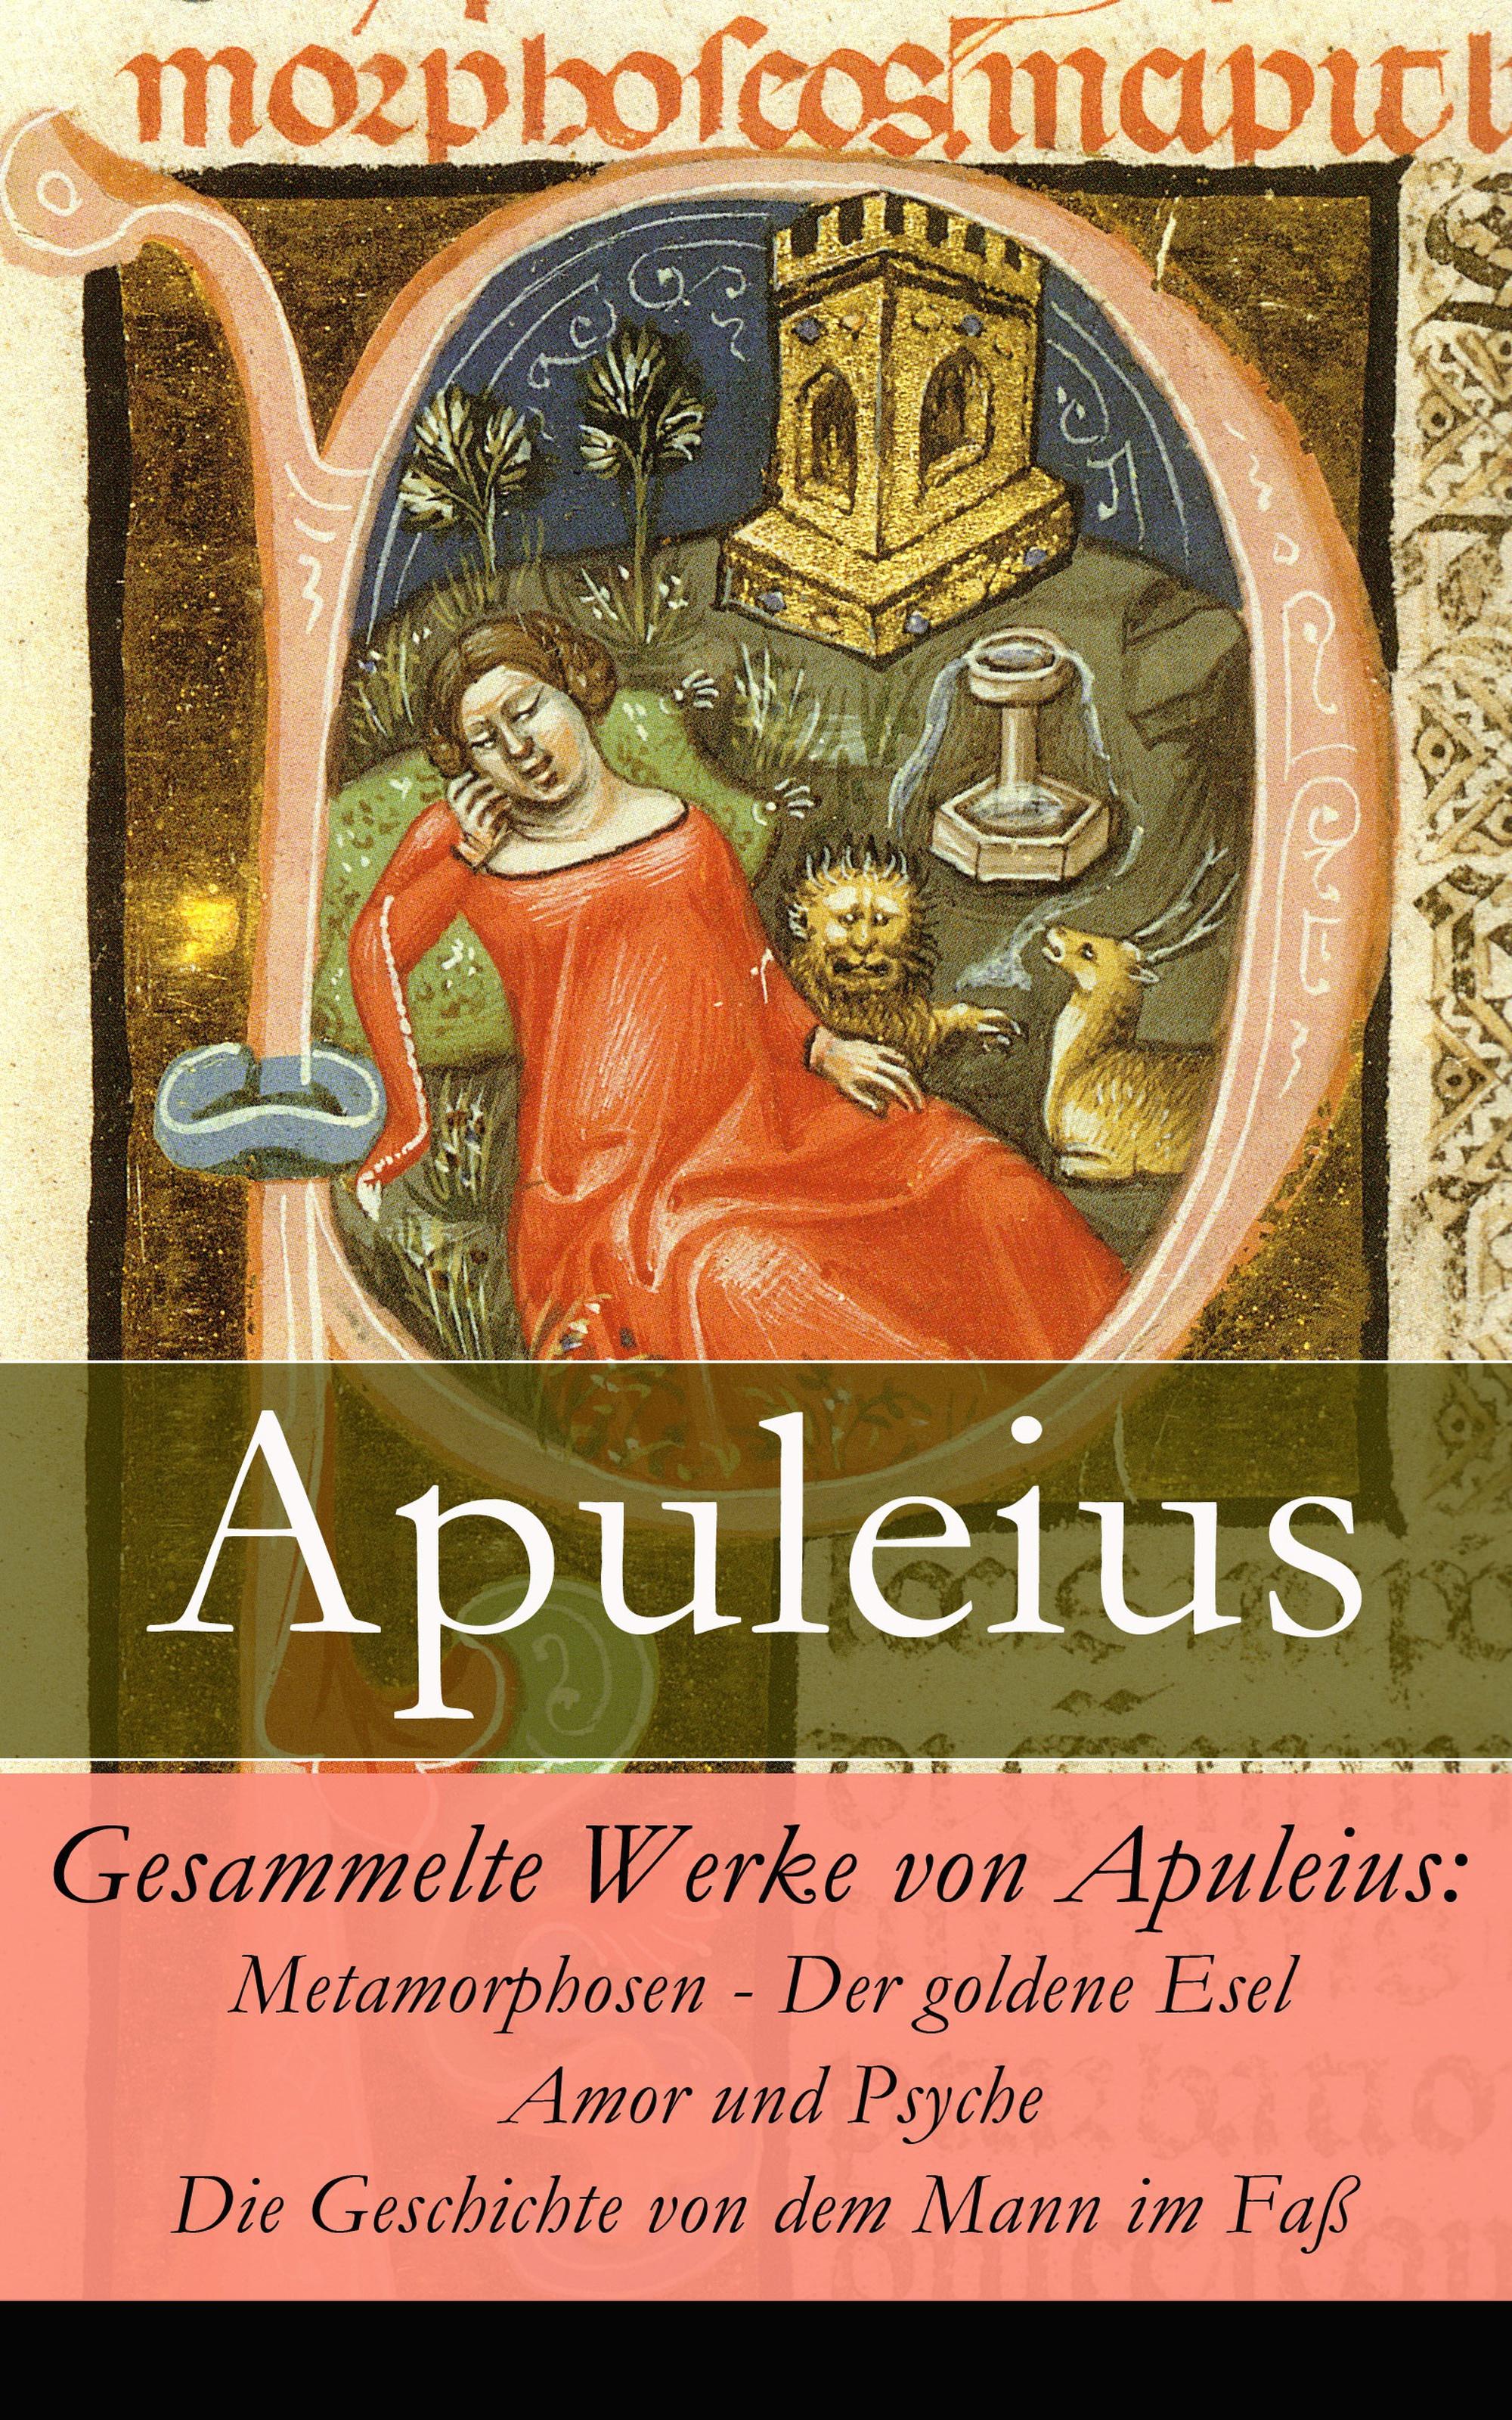 Apuleius Gesammelte Werke von Apuleius: Metamorphosen - Der goldene Esel + Amor und Psyche + Die Geschichte von dem Mann im Faß -